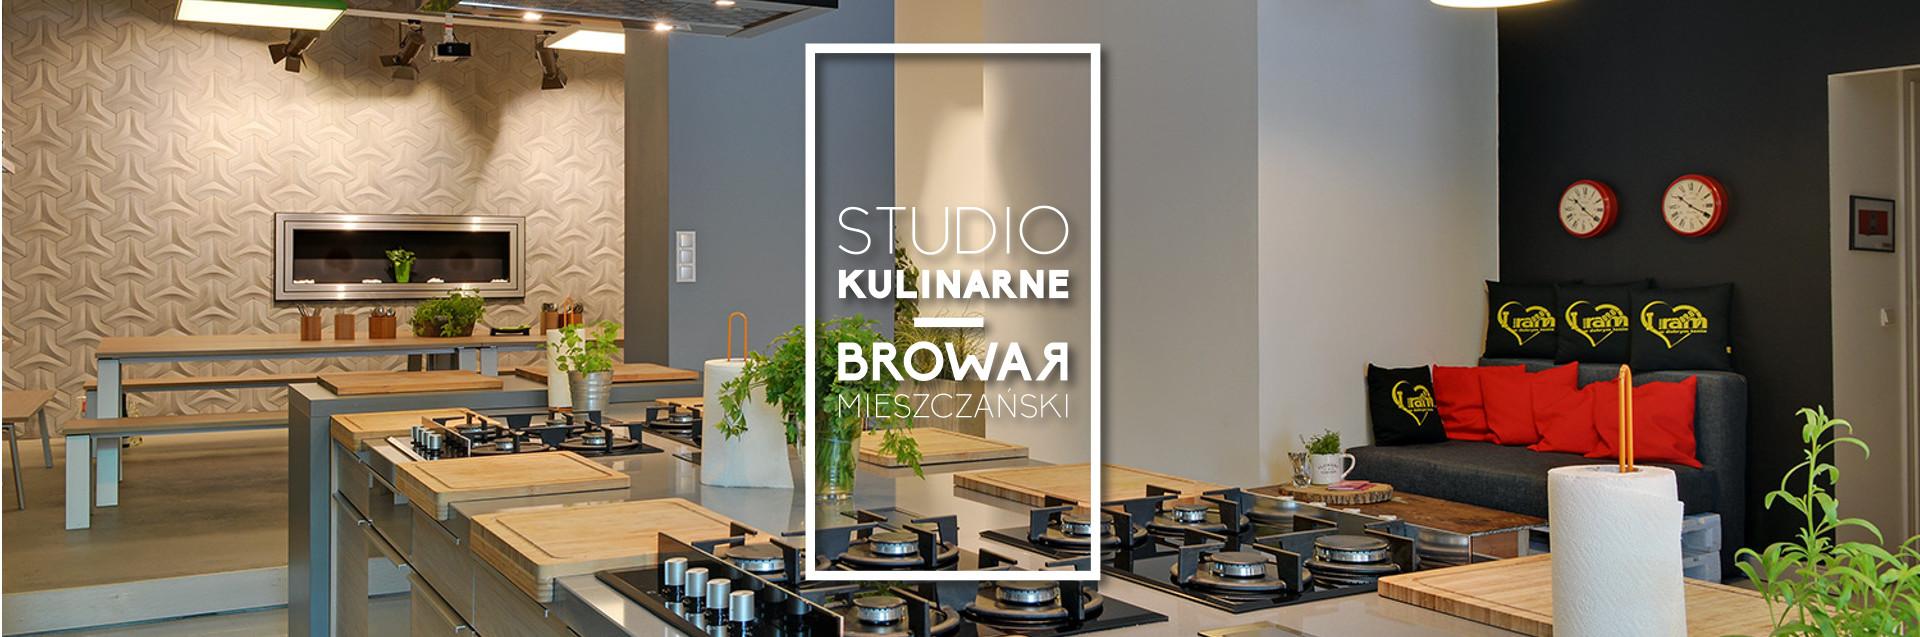 3-Studio-Kulinarne-Browar-Mieszczański